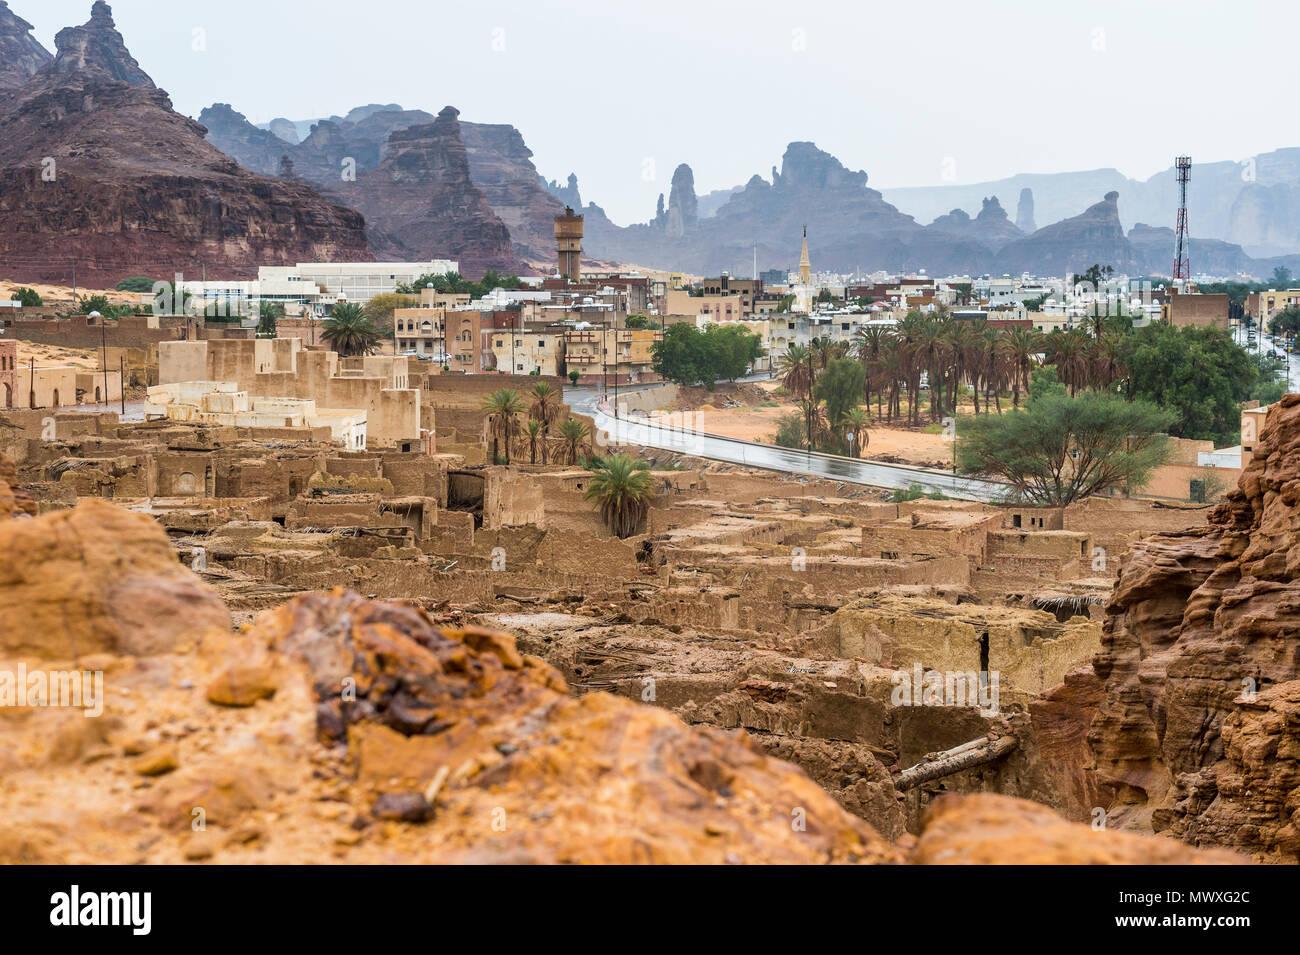 La vieille ville fantôme de Al Ula, en Arabie Saoudite, Moyen Orient Photo Stock